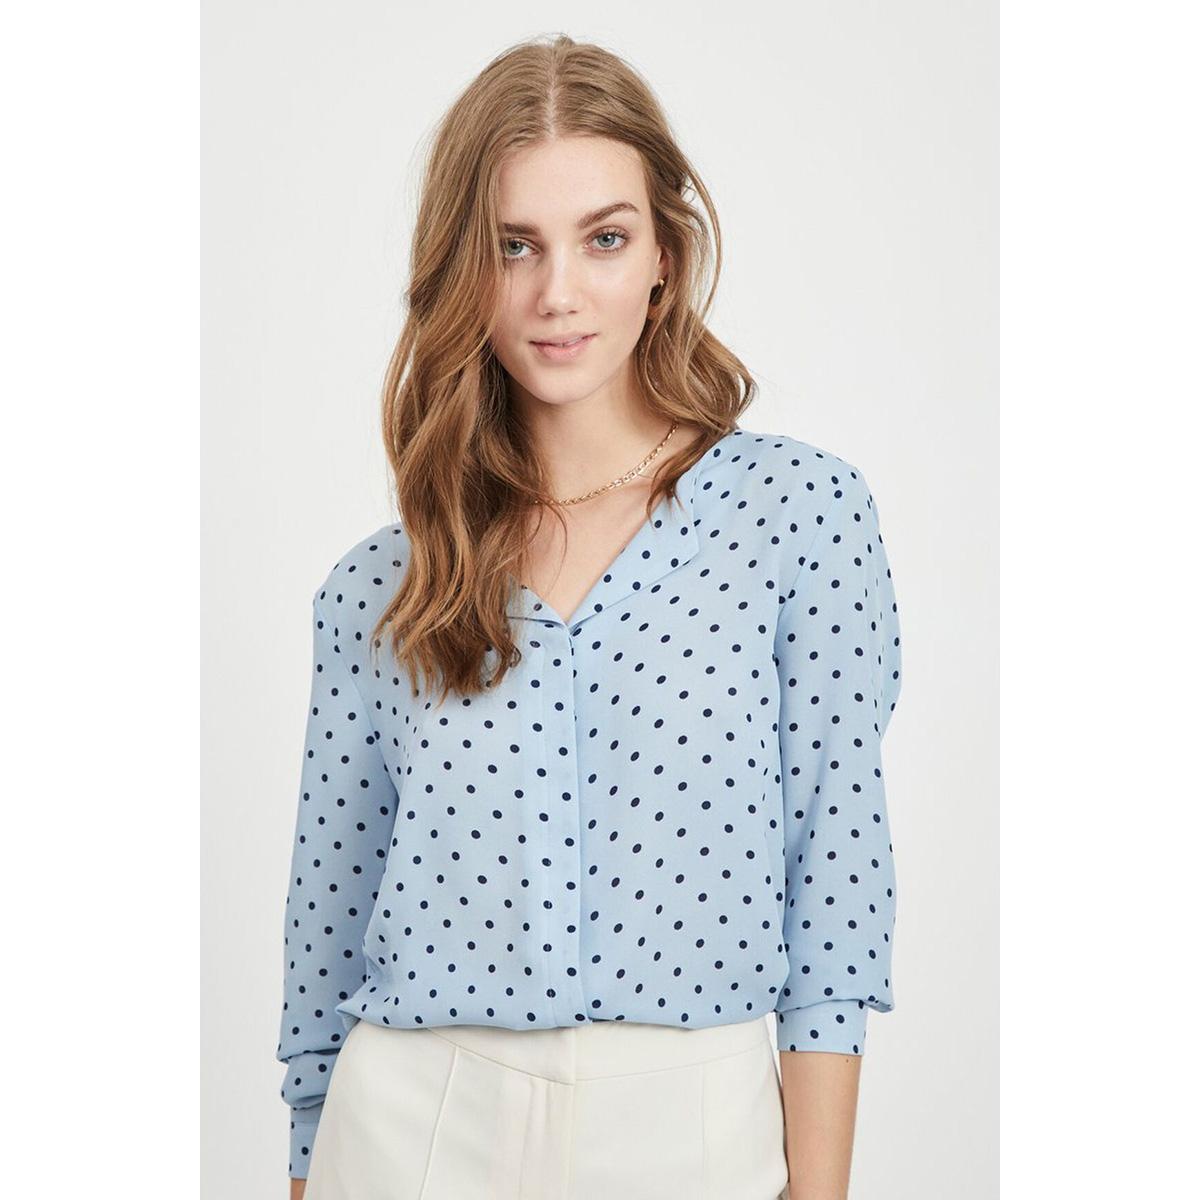 vilucy l/s shirt - fav lux 14049450 vila blouse ashley blue/navy blaze